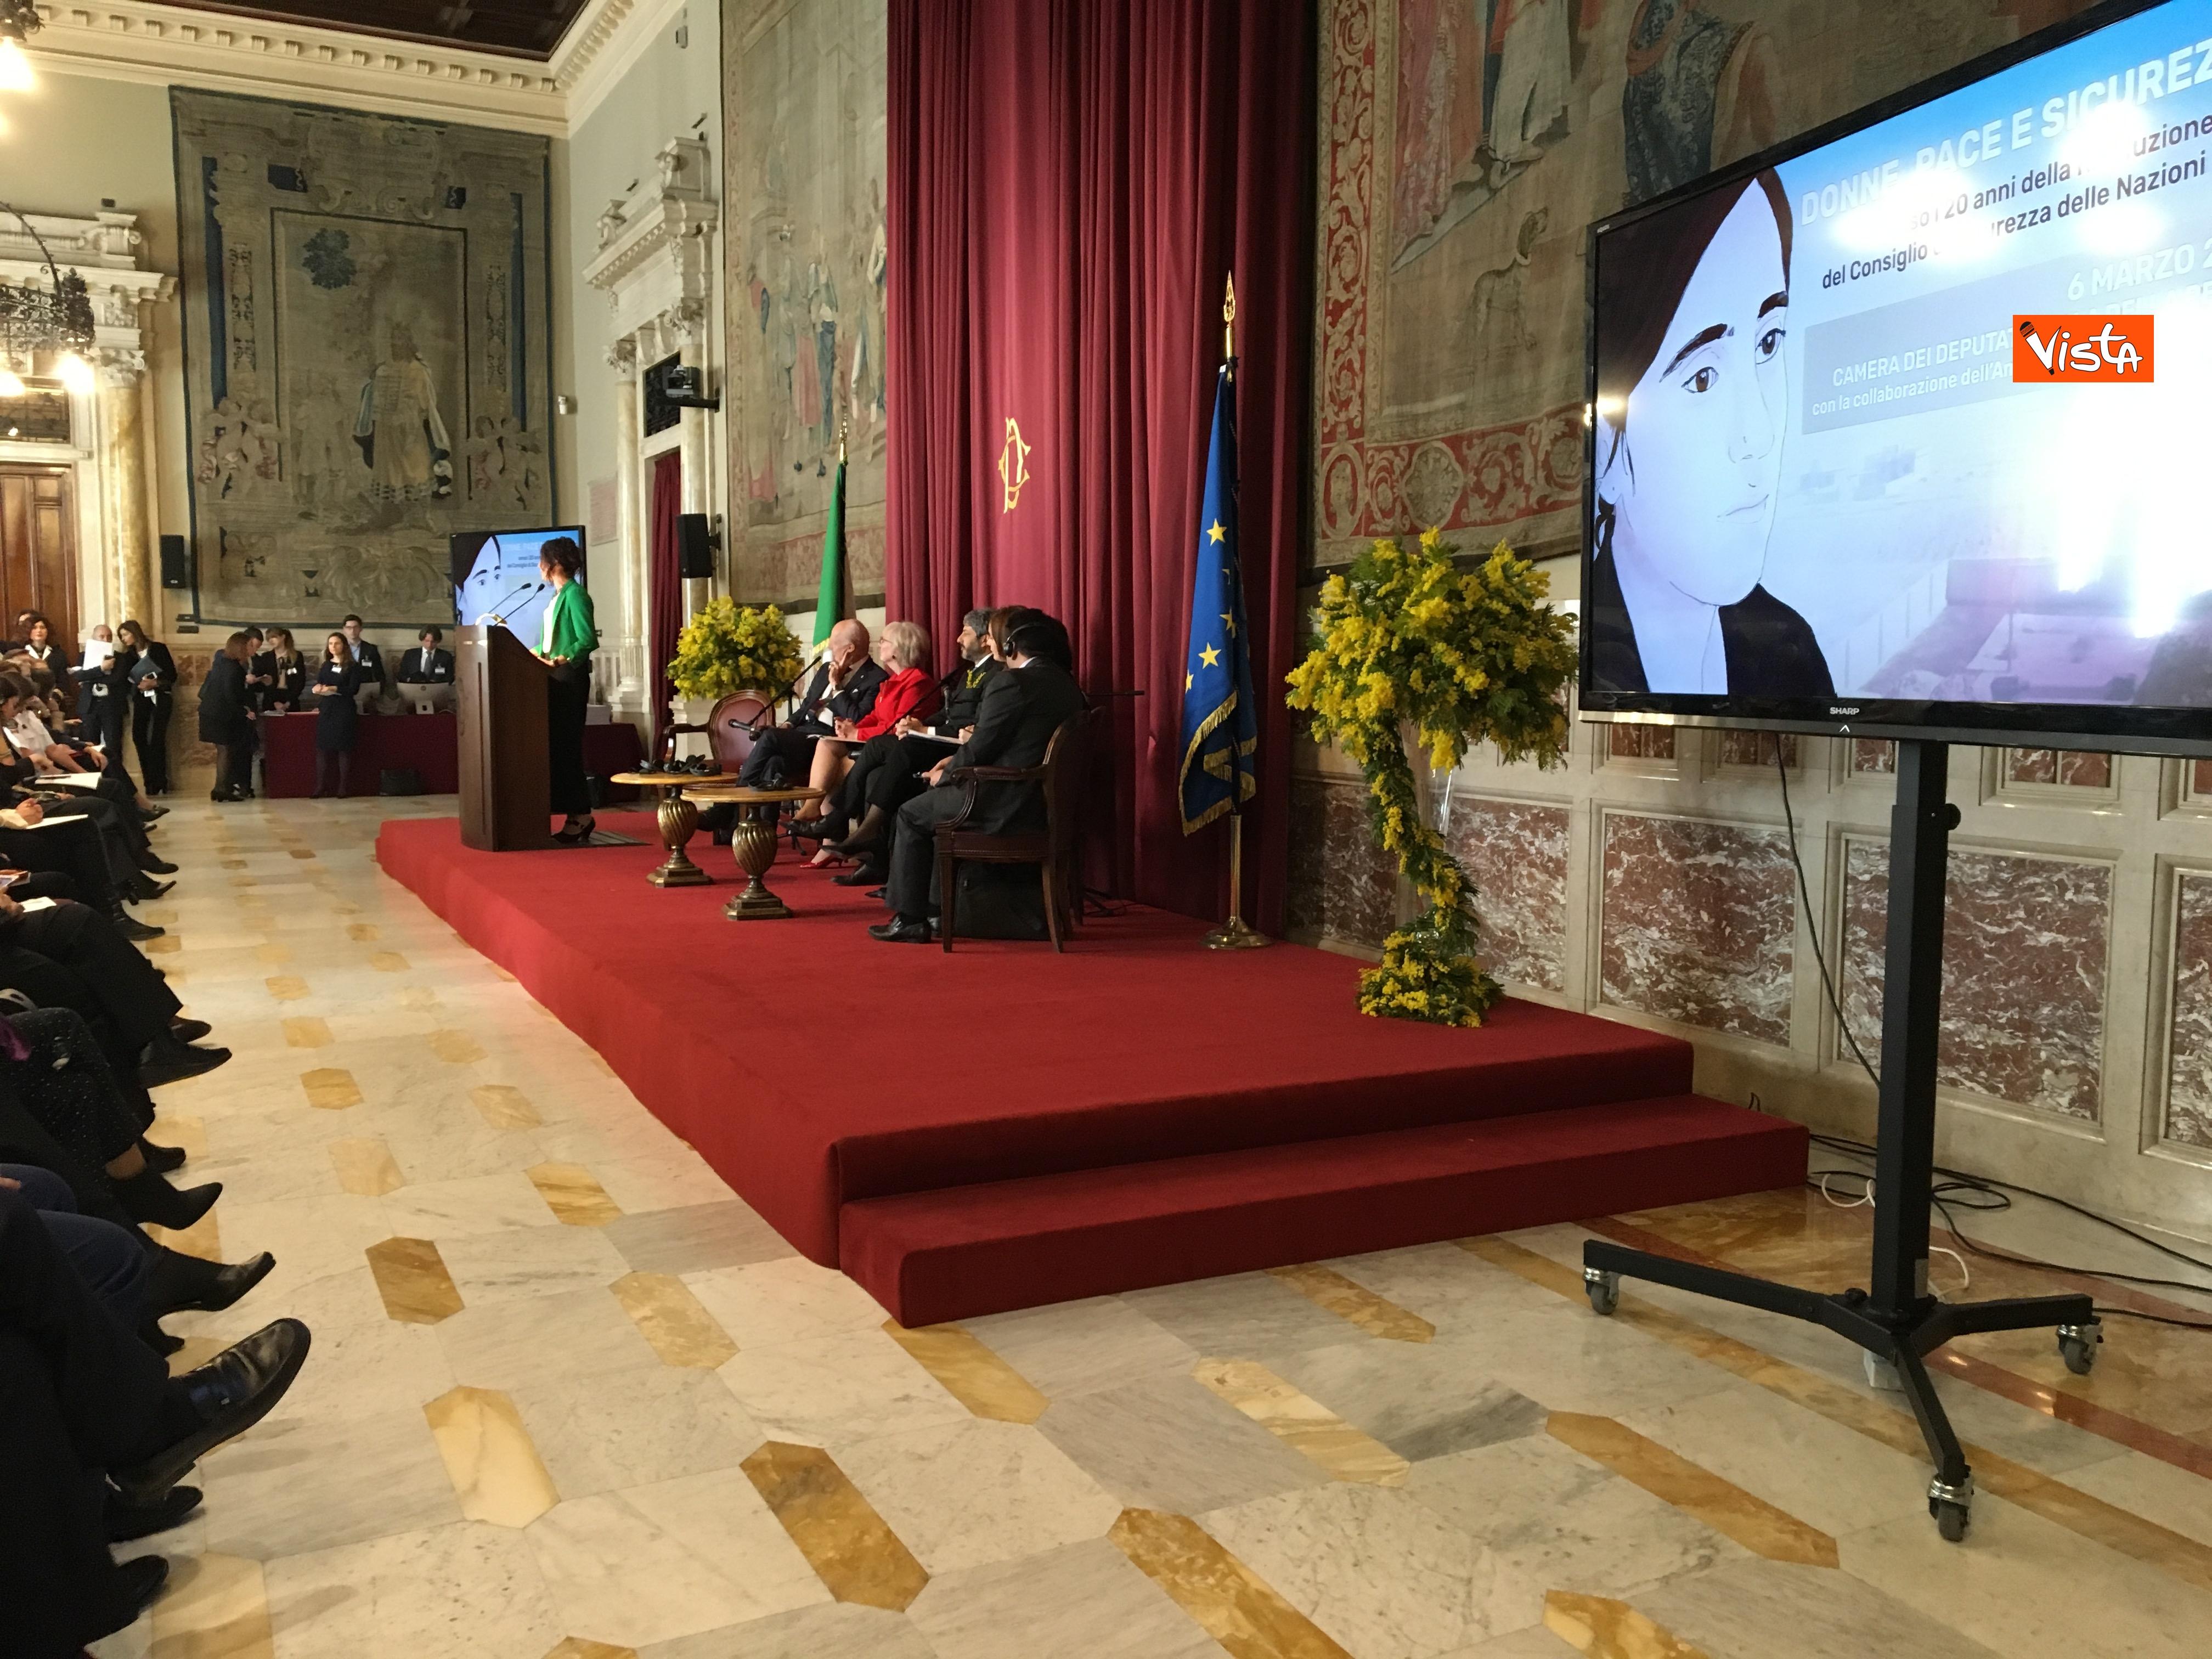 06-03-19 8 marzo a Montecitorio il convgeno Donne pace e sicurezza con il presidente Fico immagini_05